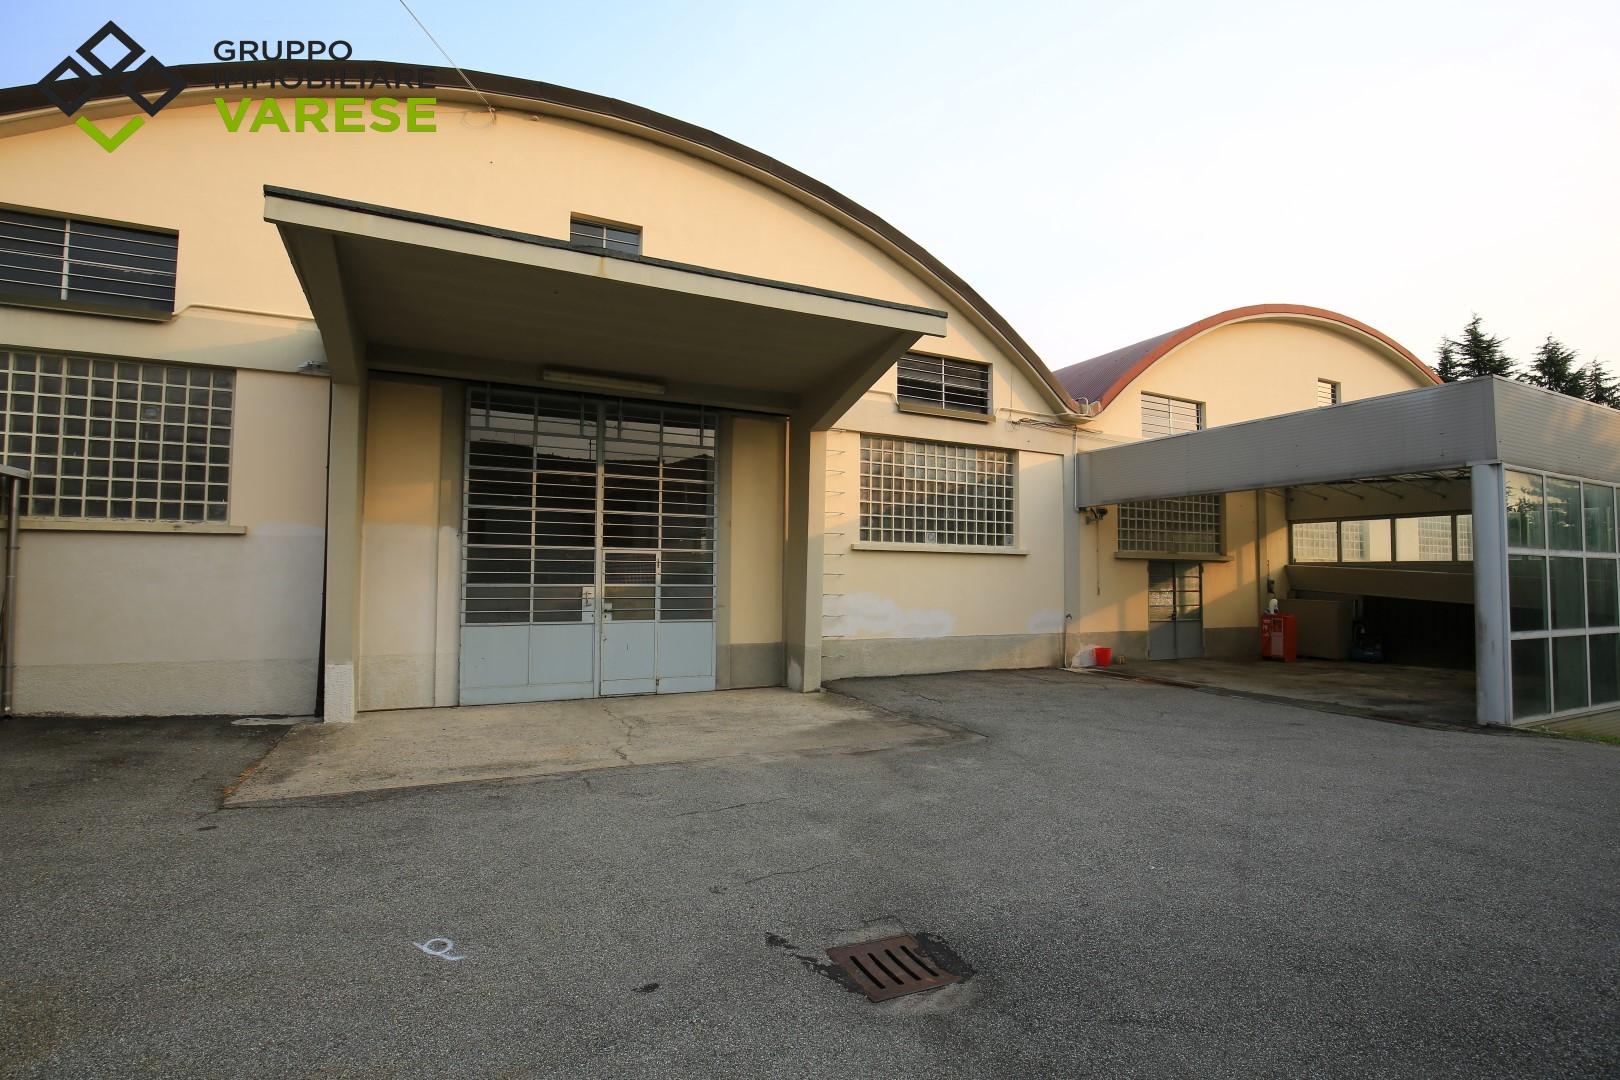 Negozio / Locale in vendita a Carnago, 9999 locali, prezzo € 690.000 | CambioCasa.it